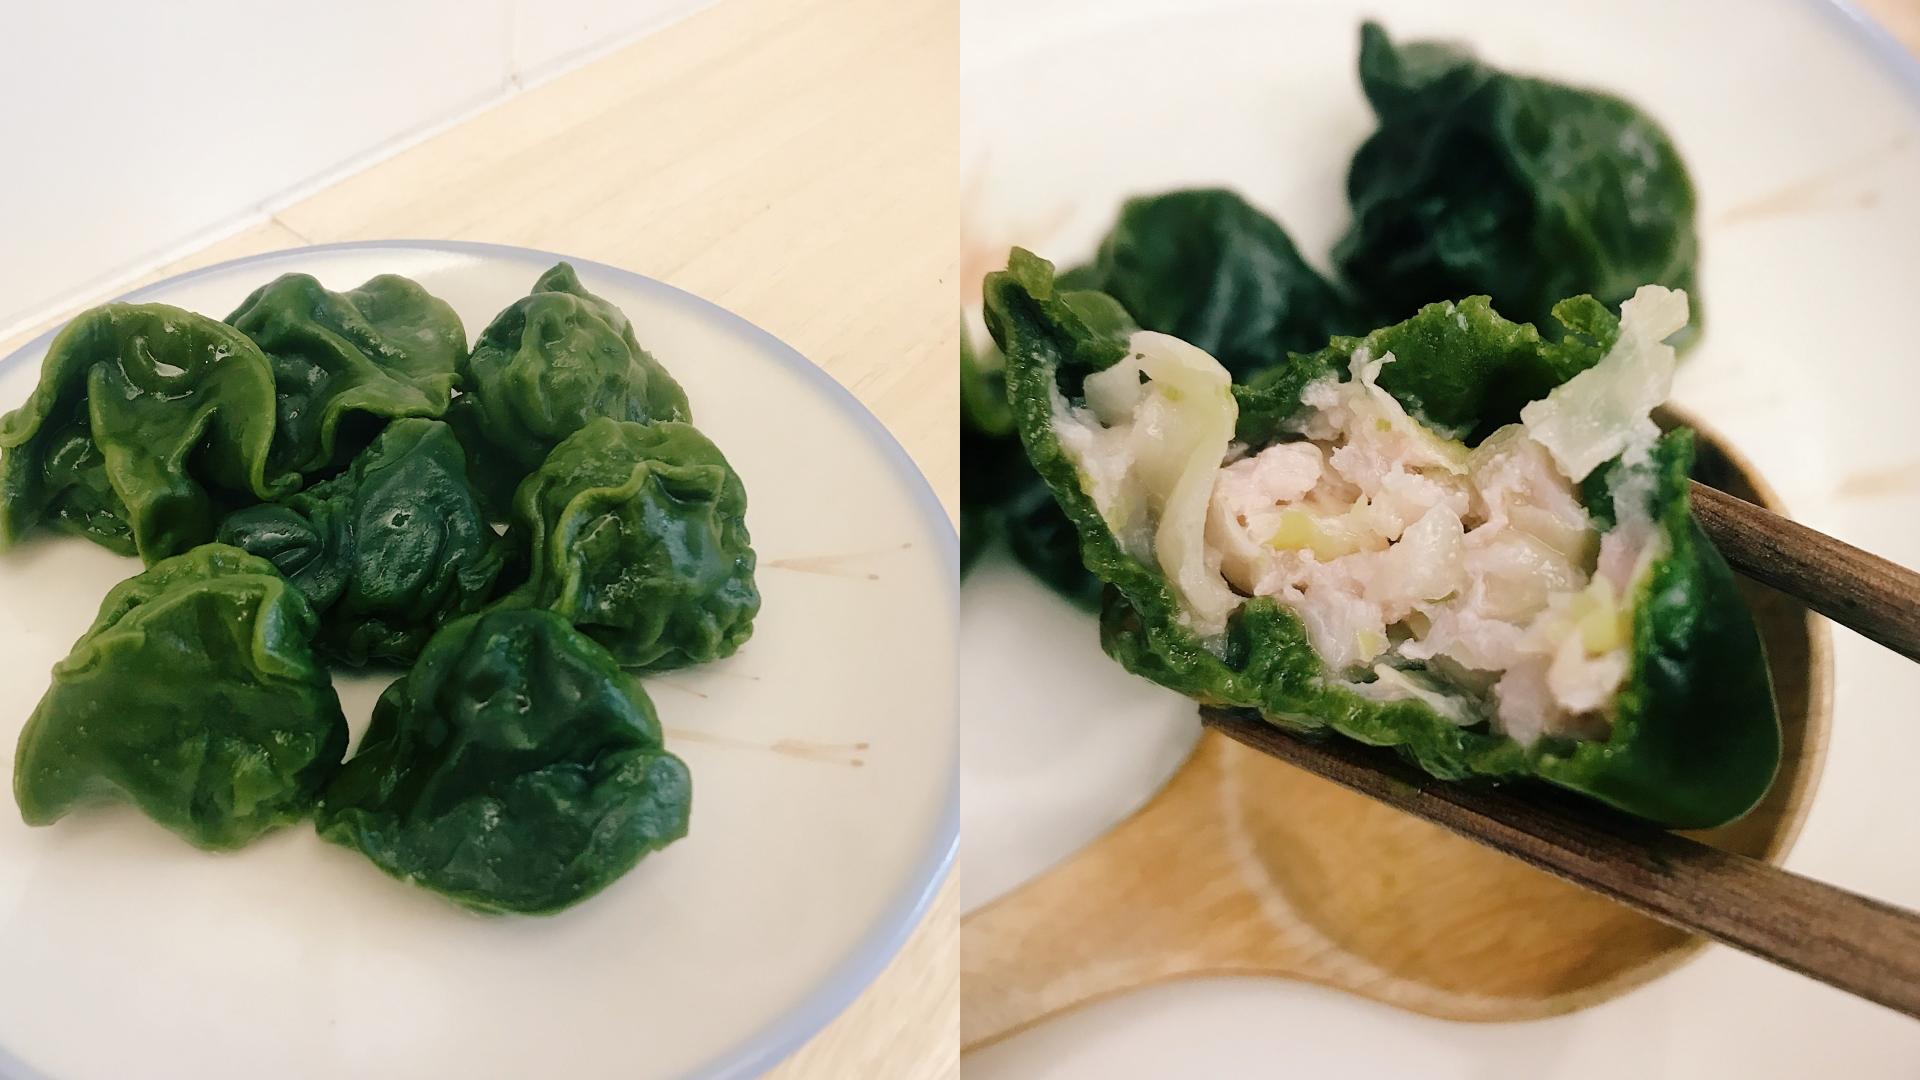 外皮的綠色是使用天然綠藻,吃起來有淡淡草香,略厚的餅皮非常有咬勁。